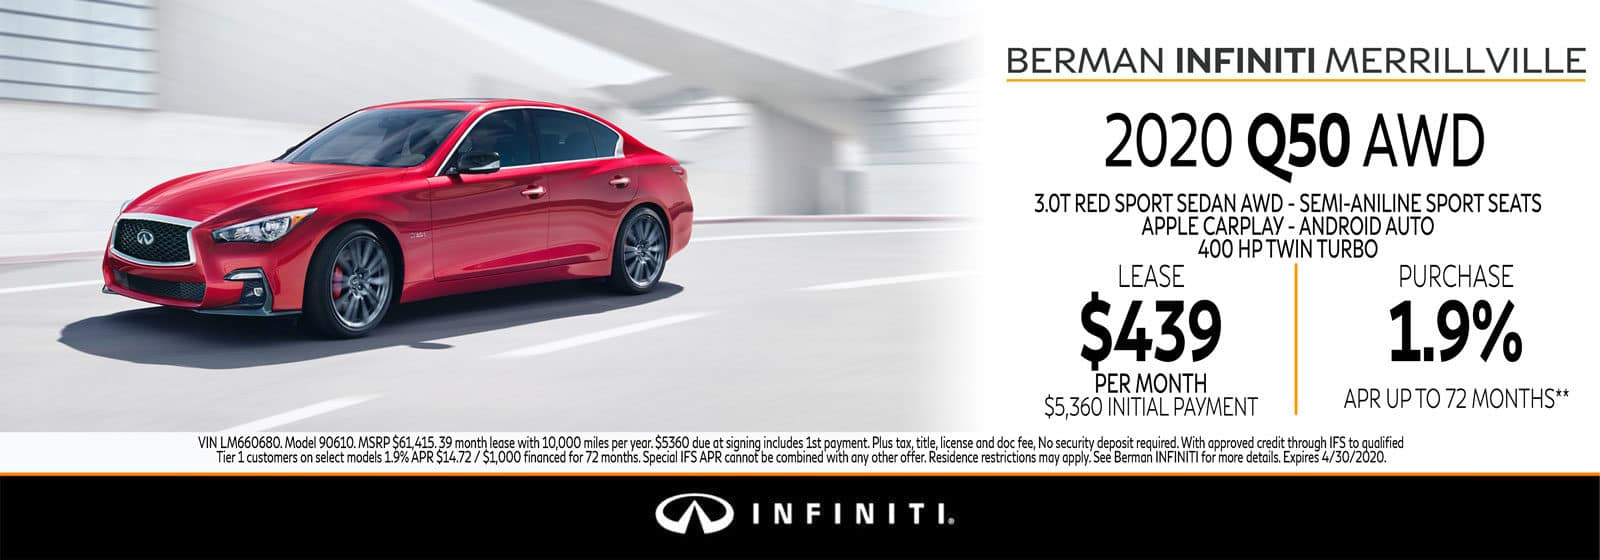 New 2020 INFINITI Q50 April Offer at Berman INFINITI of Merrillville!